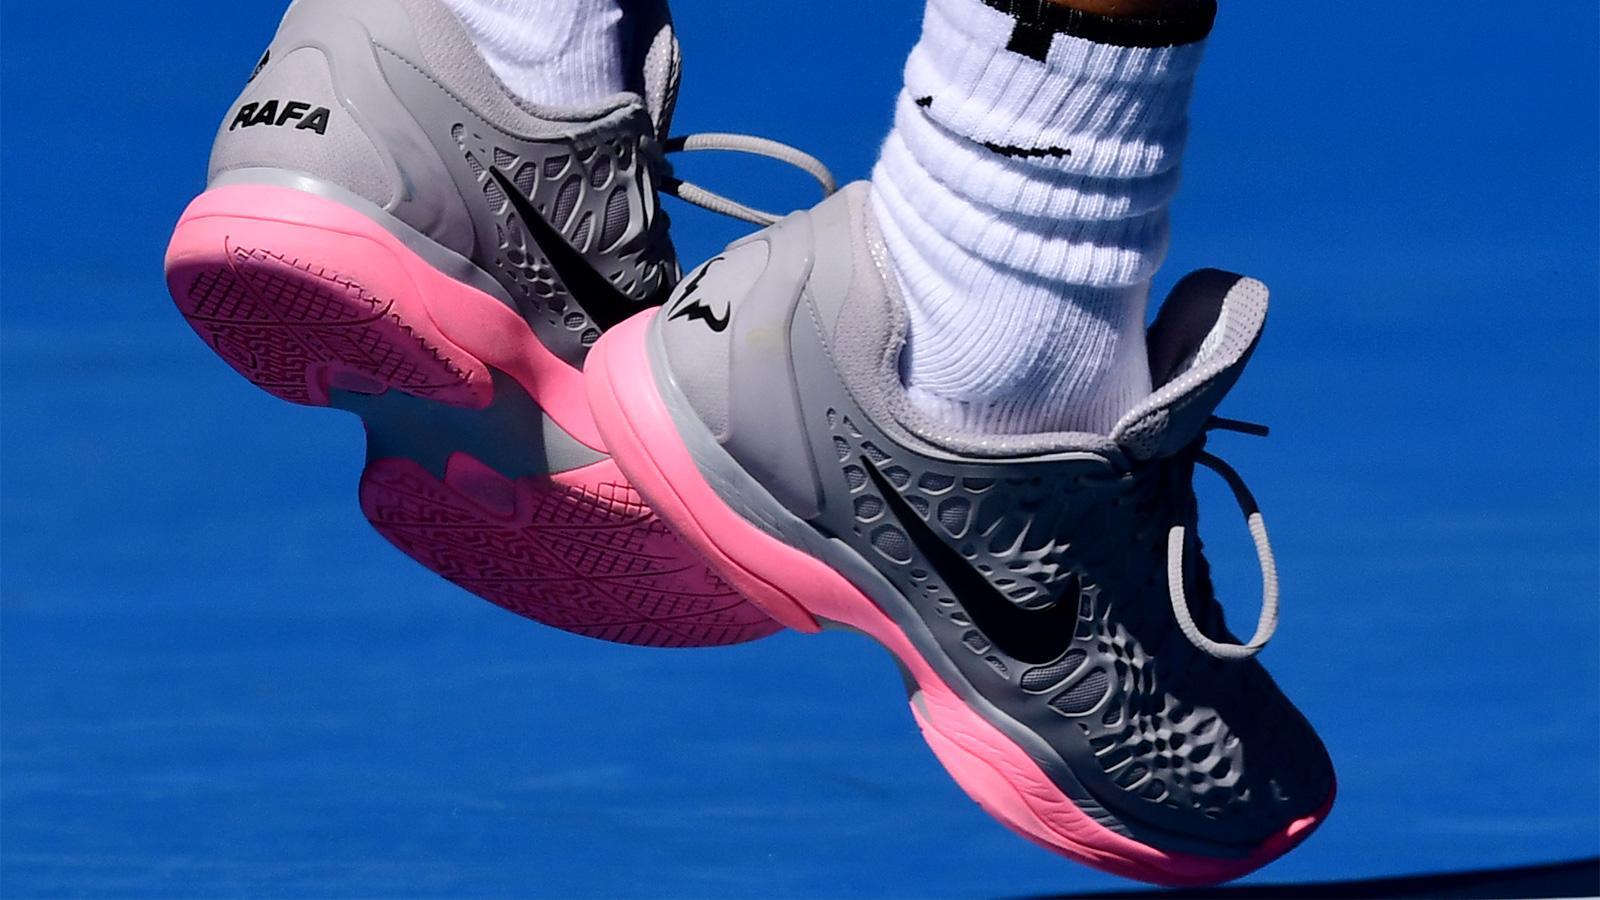 Rafael Nadal 2018 Australian Open Nike Shoes Rafael Nadal Fans